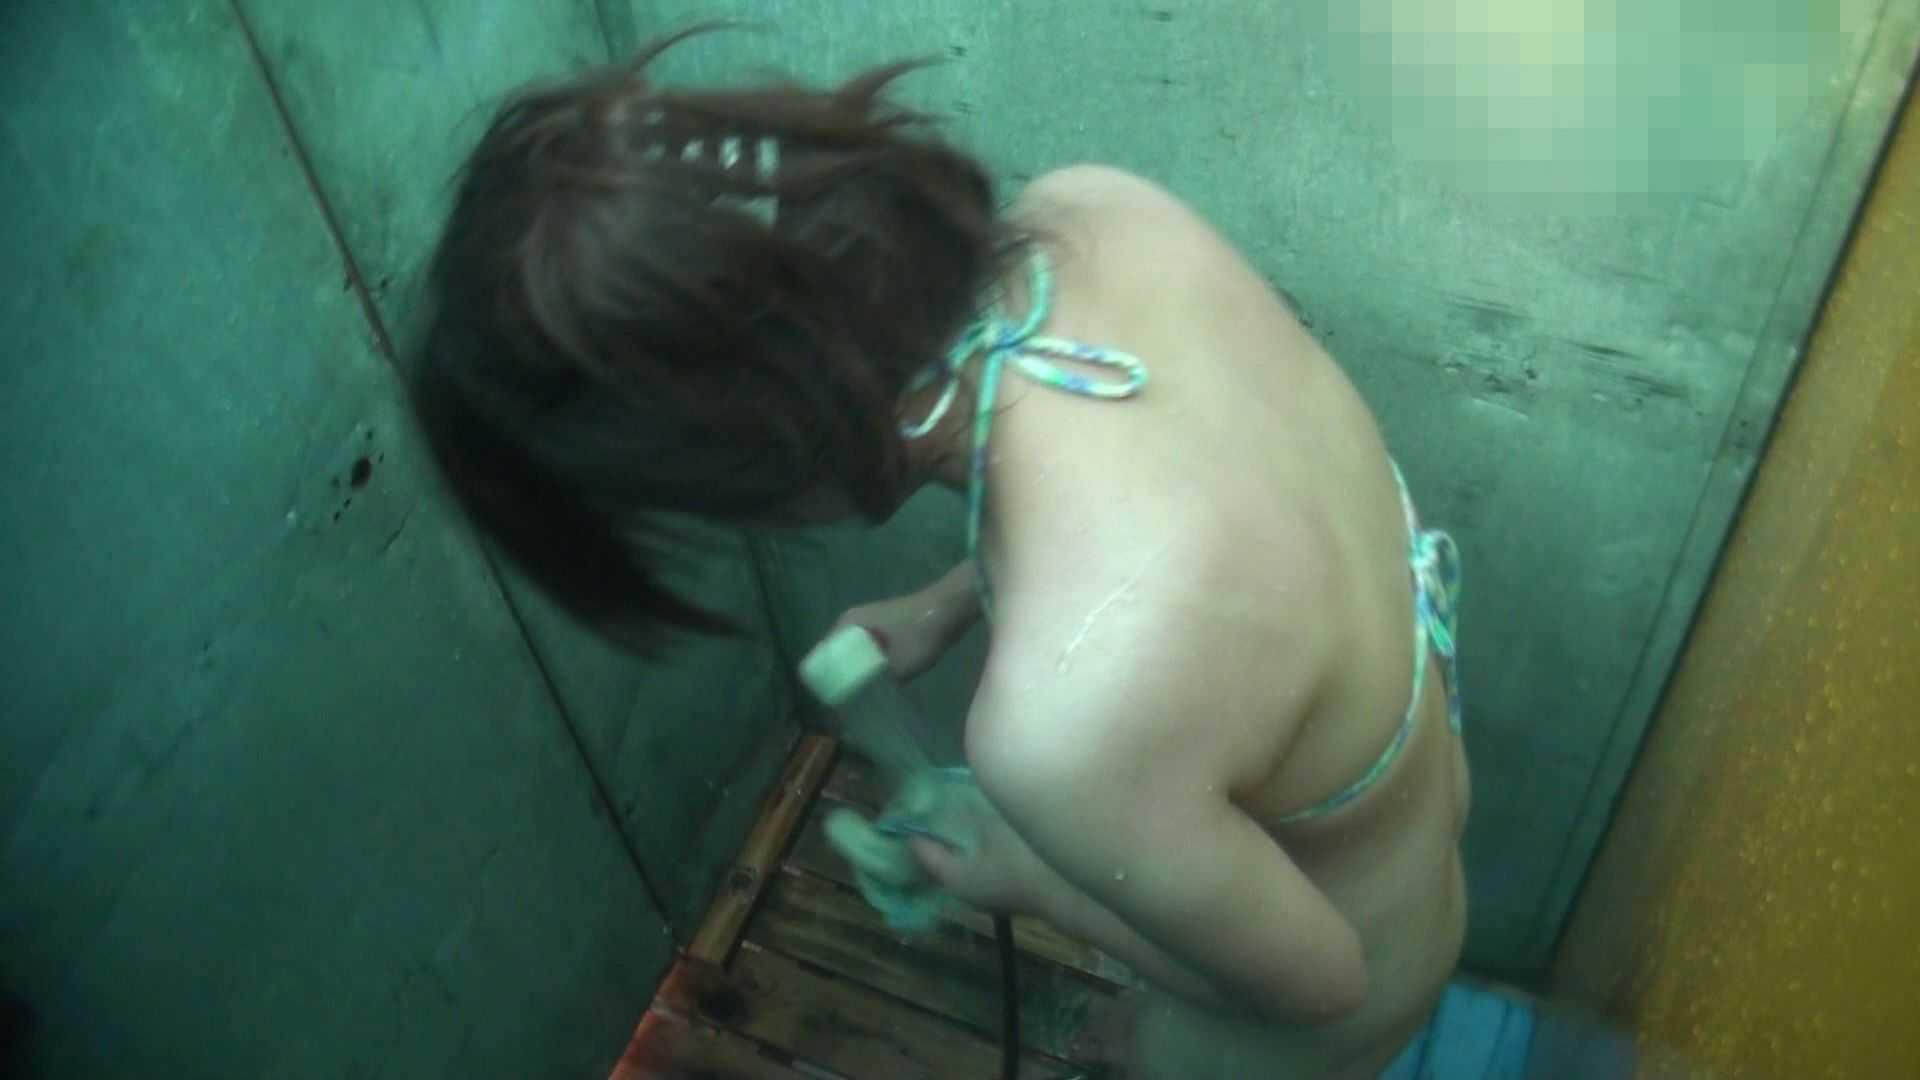 シャワールームは超!!危険な香りVol.15 残念ですが乳首未確認 マンコの砂は入念に 高画質 ぱこり動画紹介 63連発 24